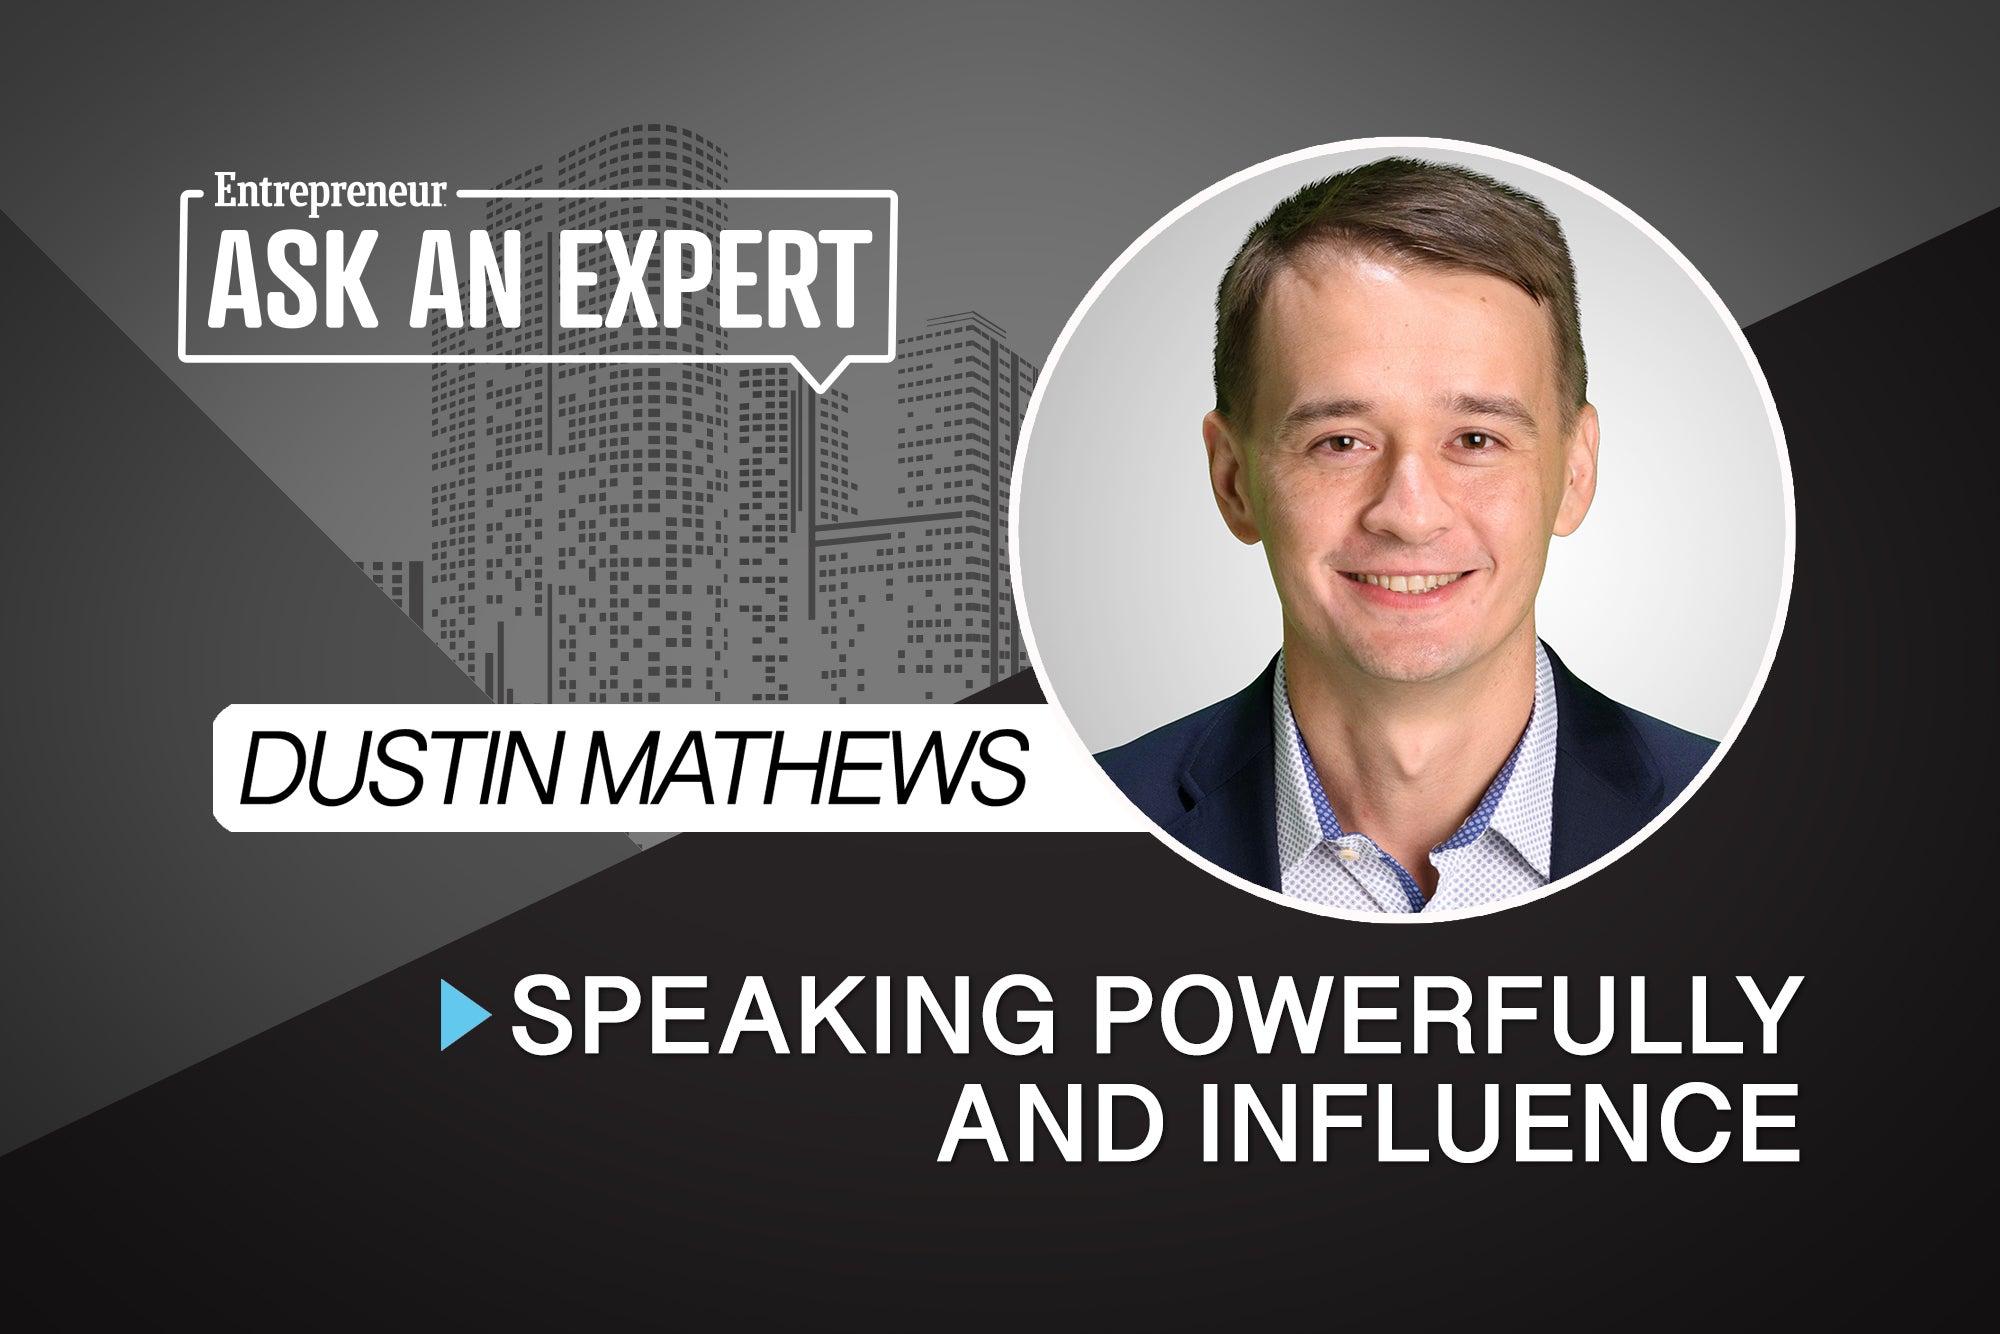 20181205074010-Ask-an-Expert-Dustin-Matthews.jpg